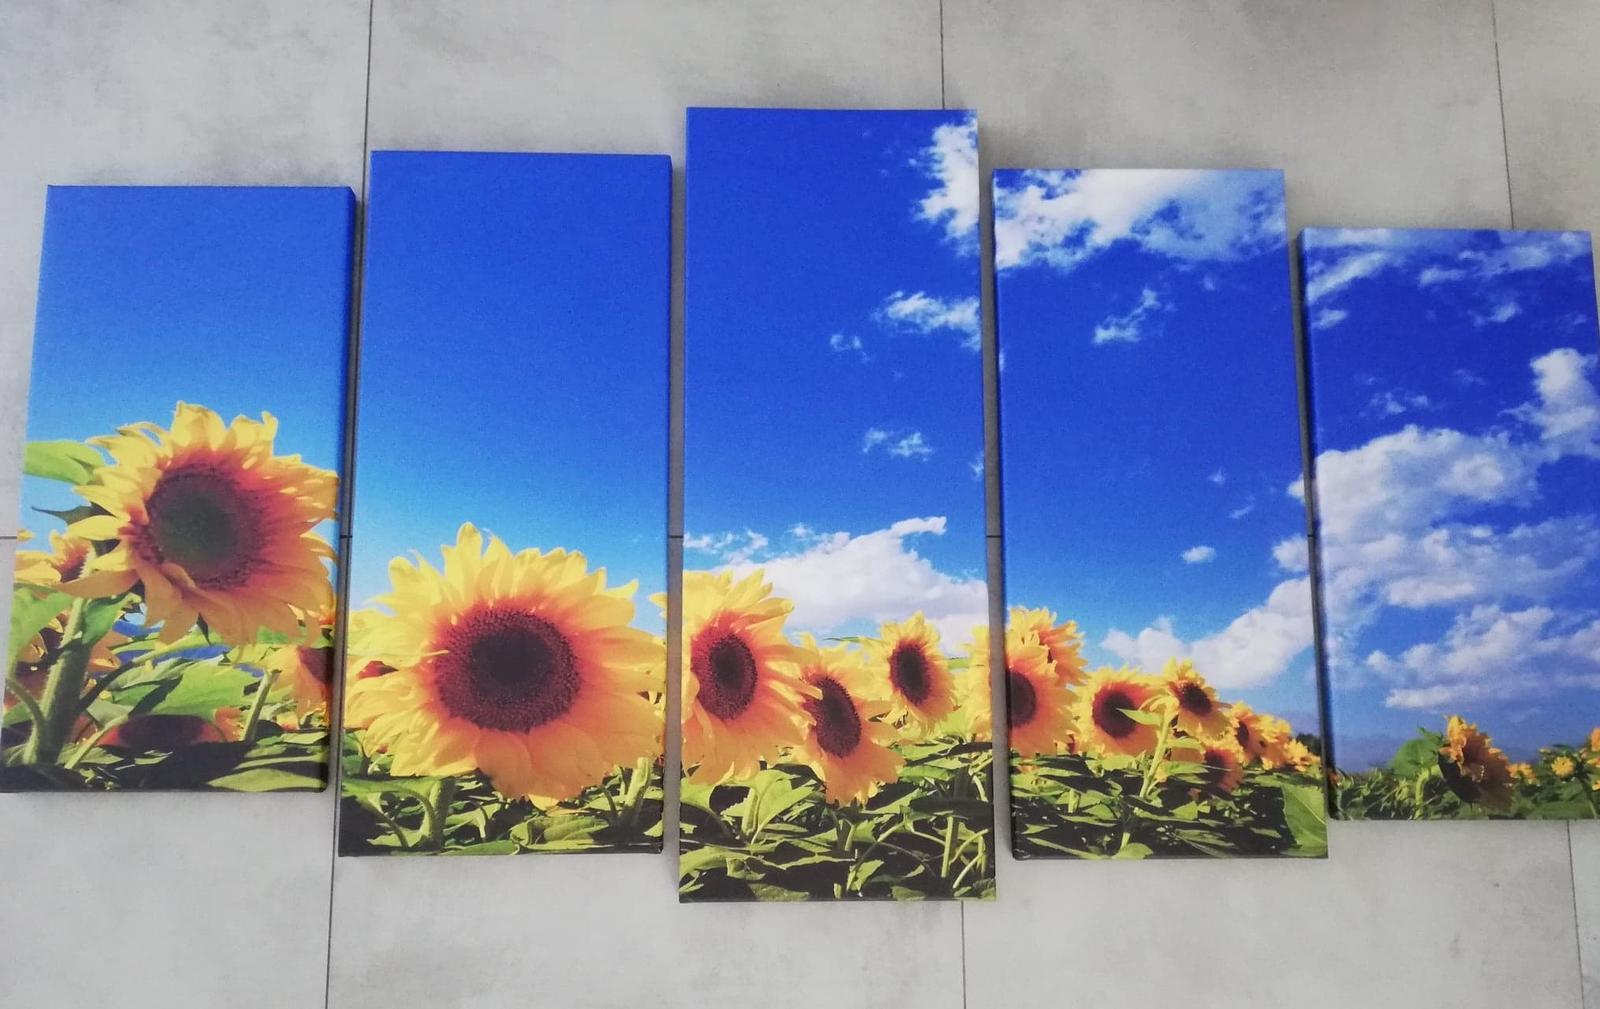 5 dielny Obraz Slnečnice 150x80cm - Obrázok č. 1